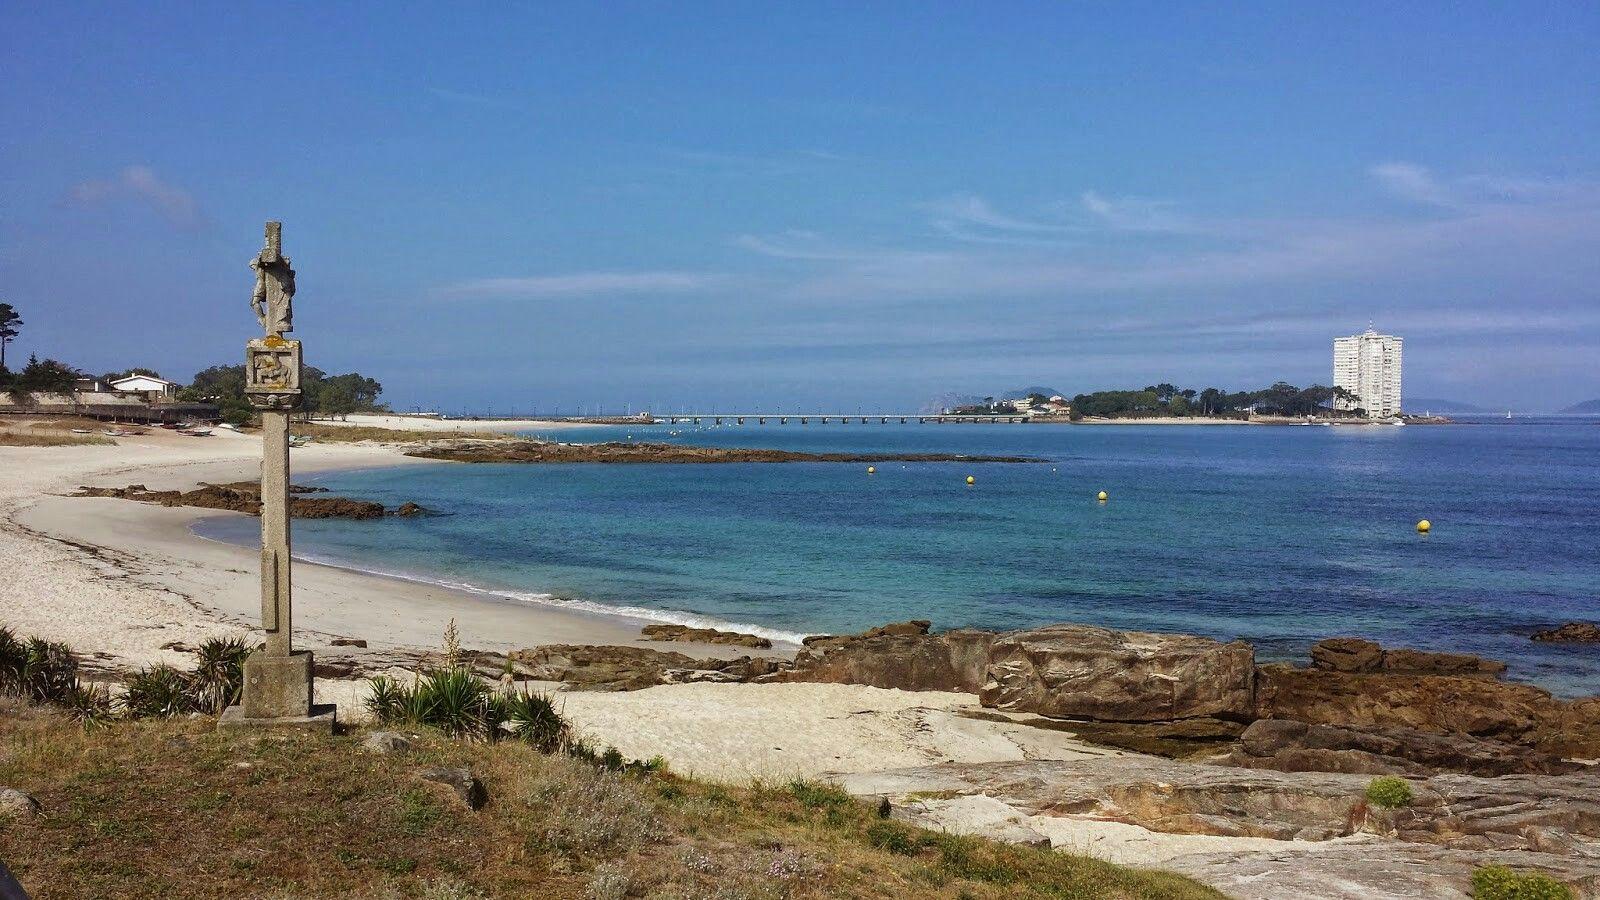 Coruxo Vigo Pontevedra Galicia Spain Un Lugar Tranquilo Para Pasar Las Vacaciones España Vacaciones Fotos